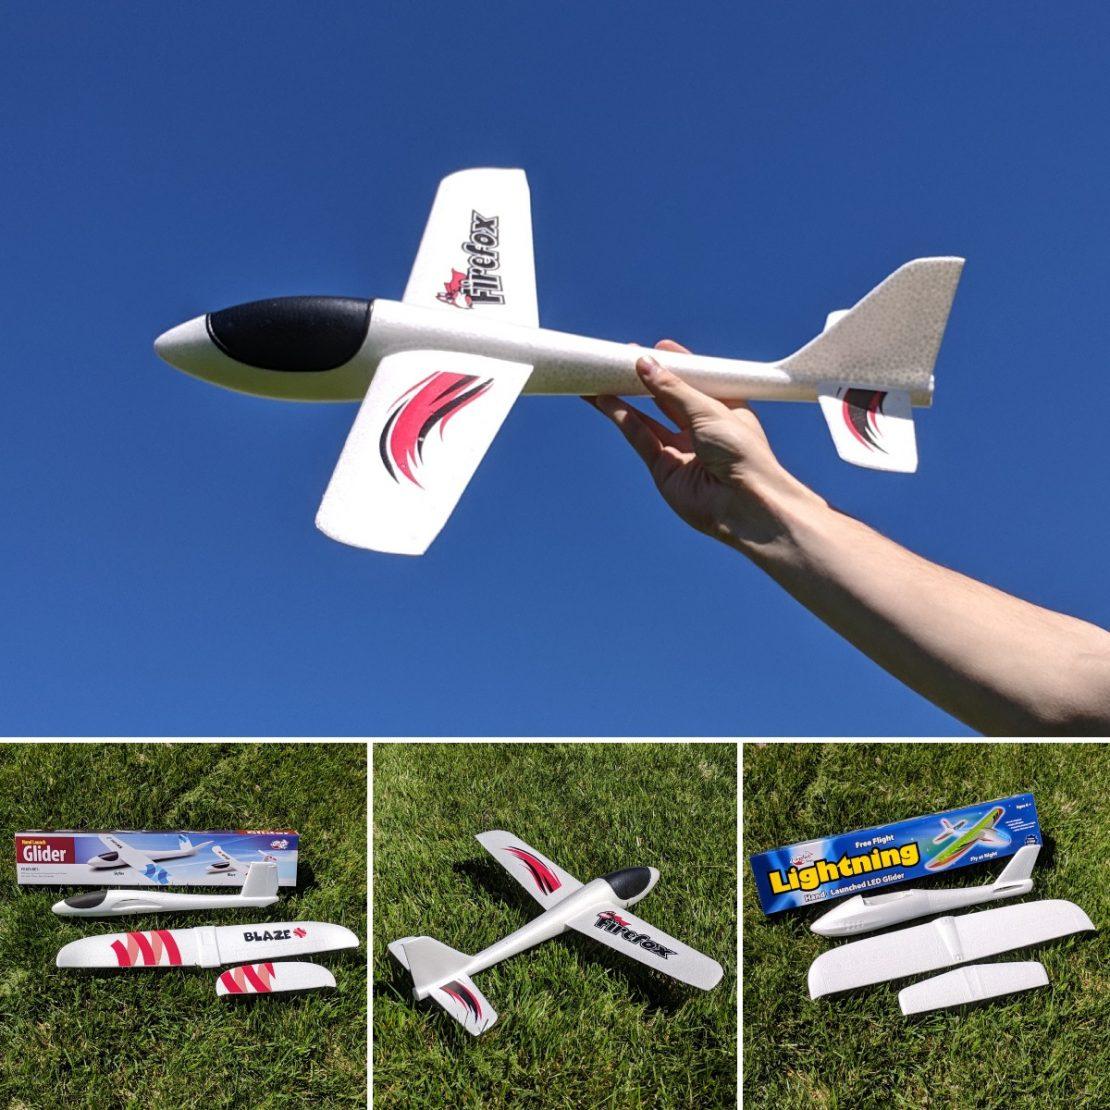 Foam Gliders from Firefox